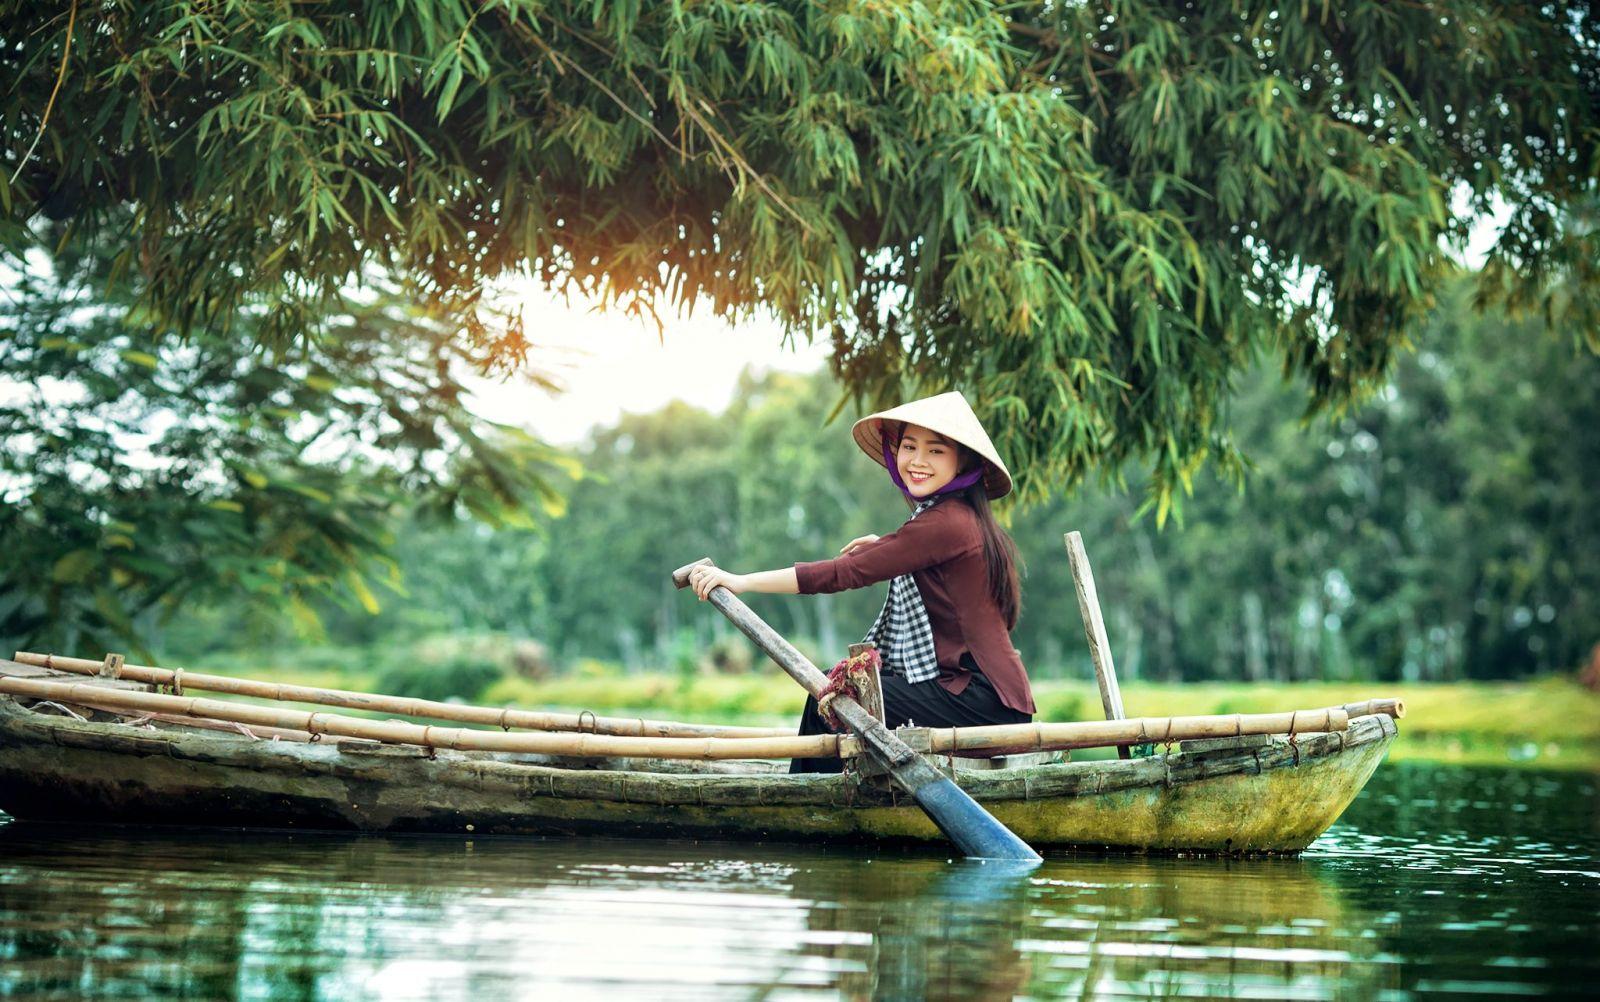 Khởi hành tour du lịch miền Tây từ Hà Nội trọn gói, chất lượng nhất 4